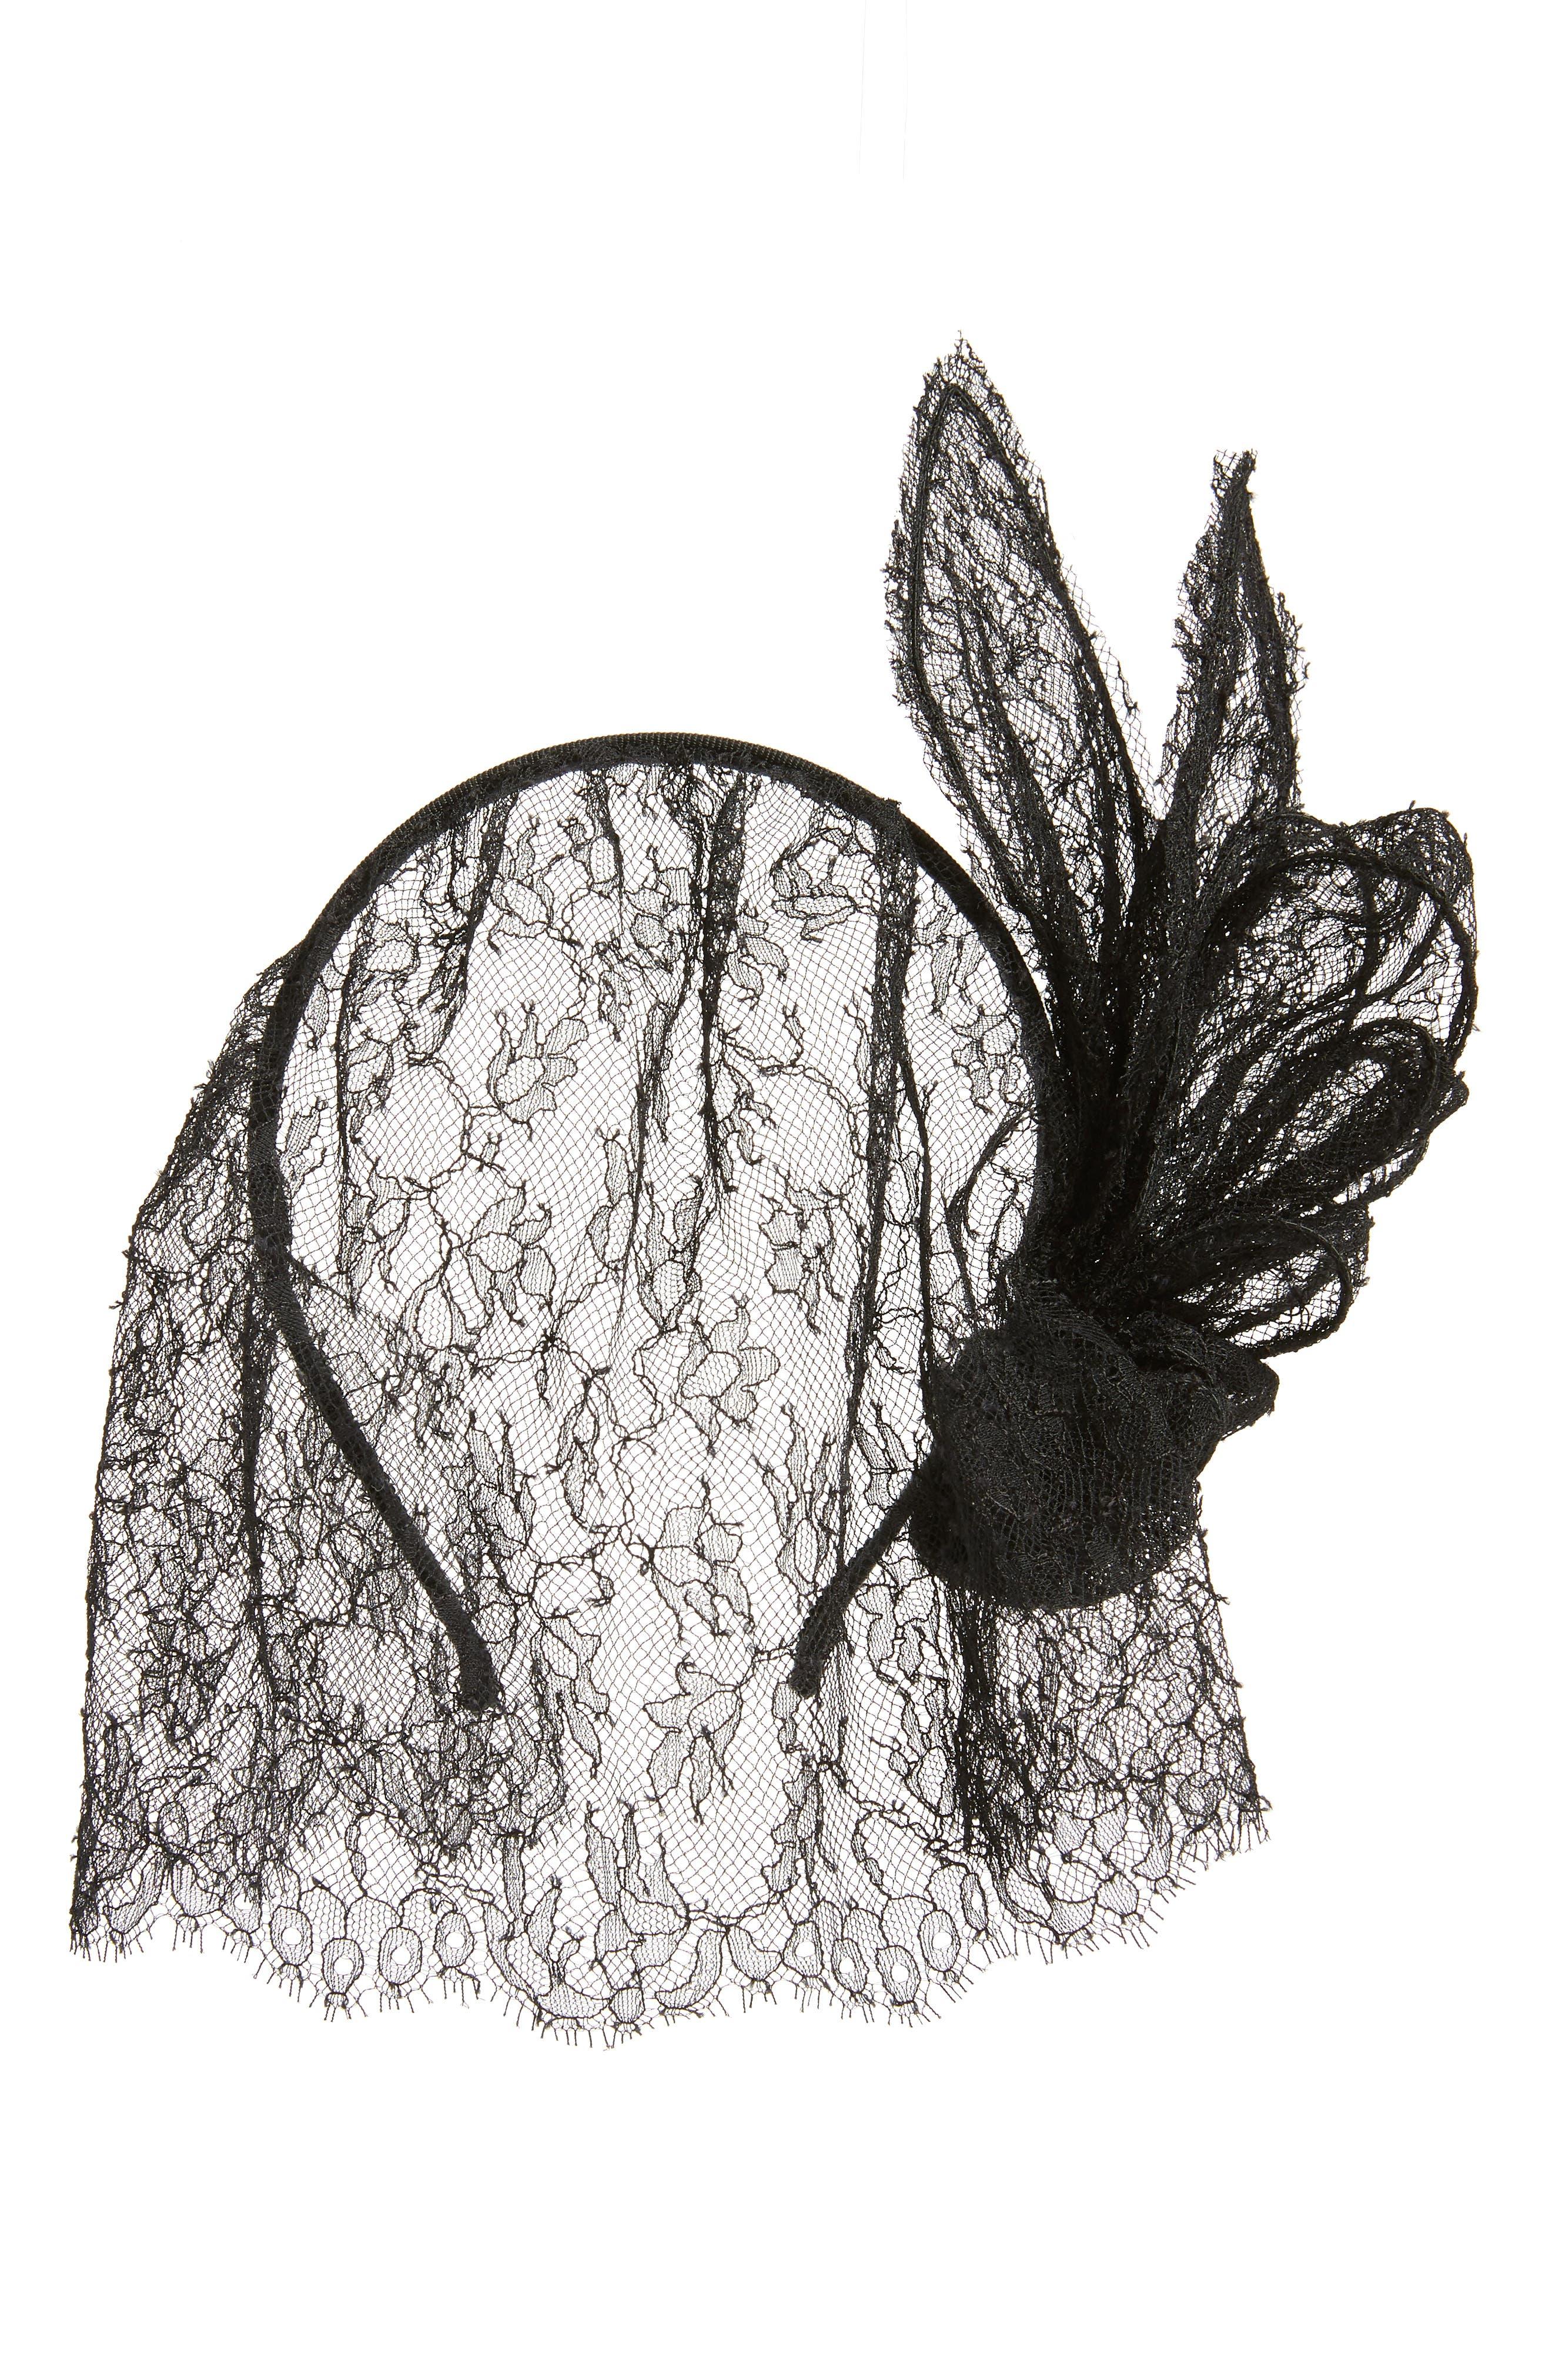 MAISON MICHEL, Clémentine Lace Veil Headband, Main thumbnail 1, color, BLACK